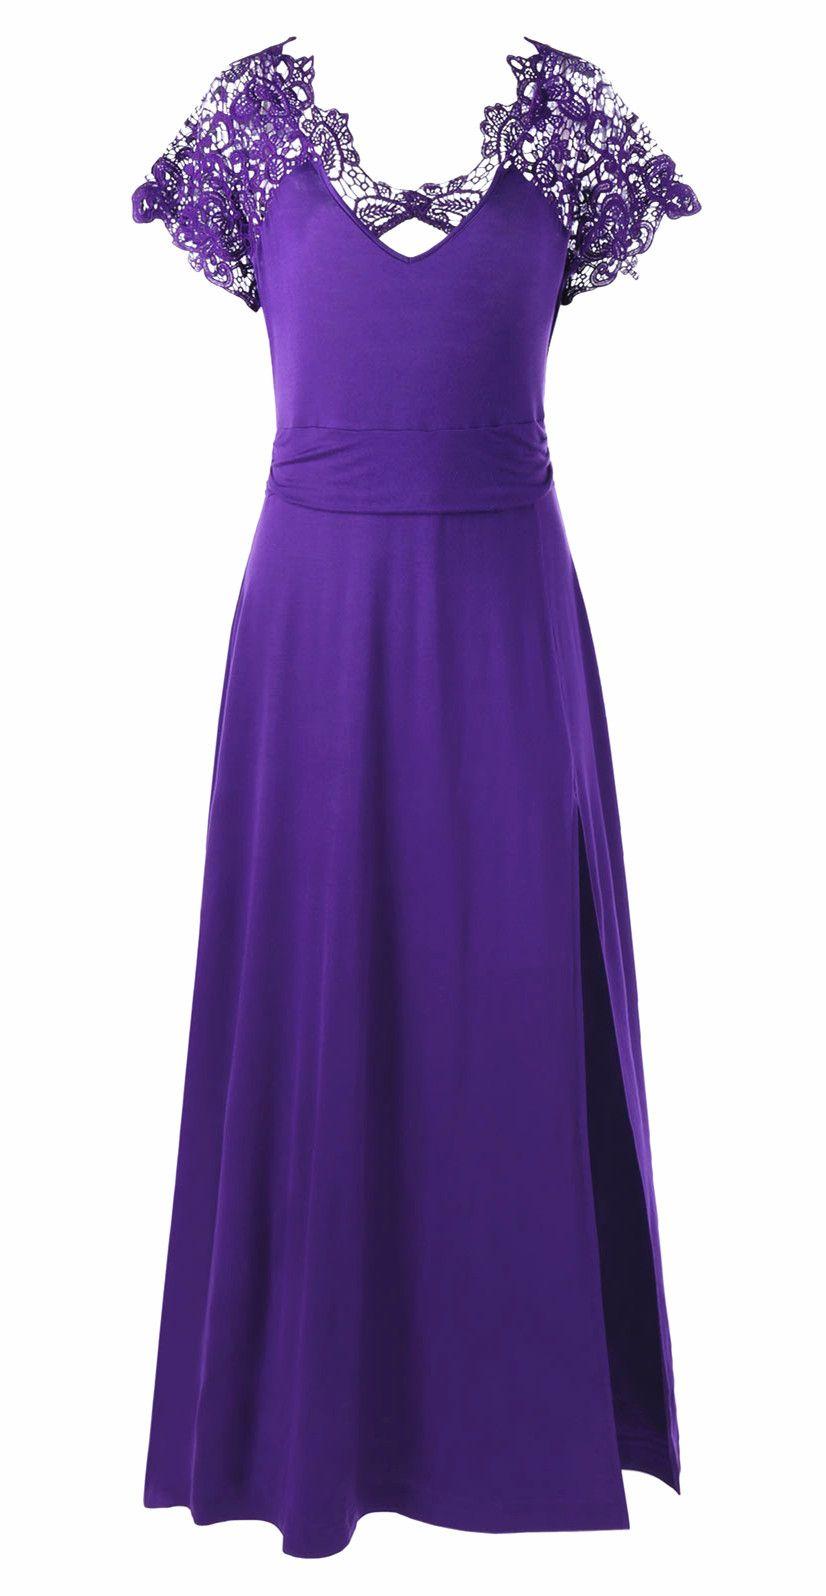 Plus Size Lace Yoke High Slit Maxi Dress   MAXI DRESSES   Pinterest ...